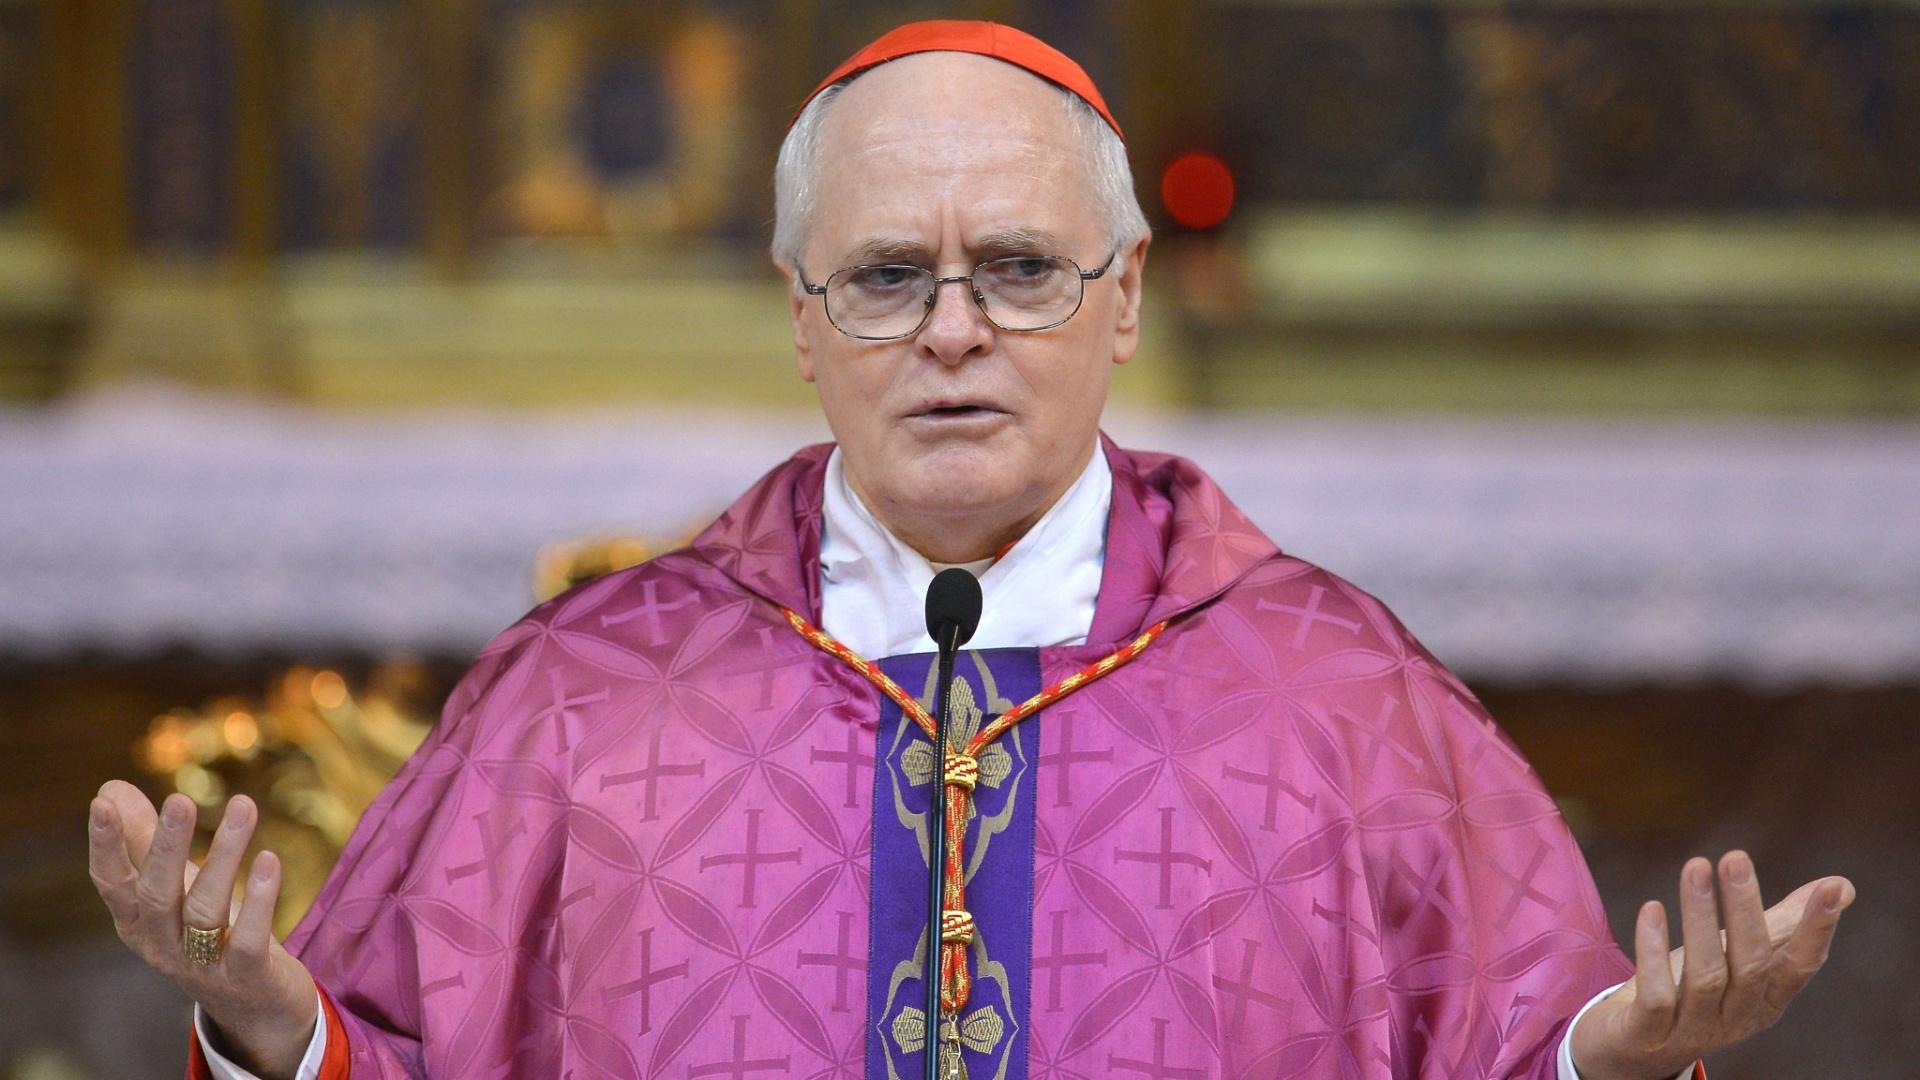 Entenda o sínodo arquidiocesano, que já está em andamento em São Paulo